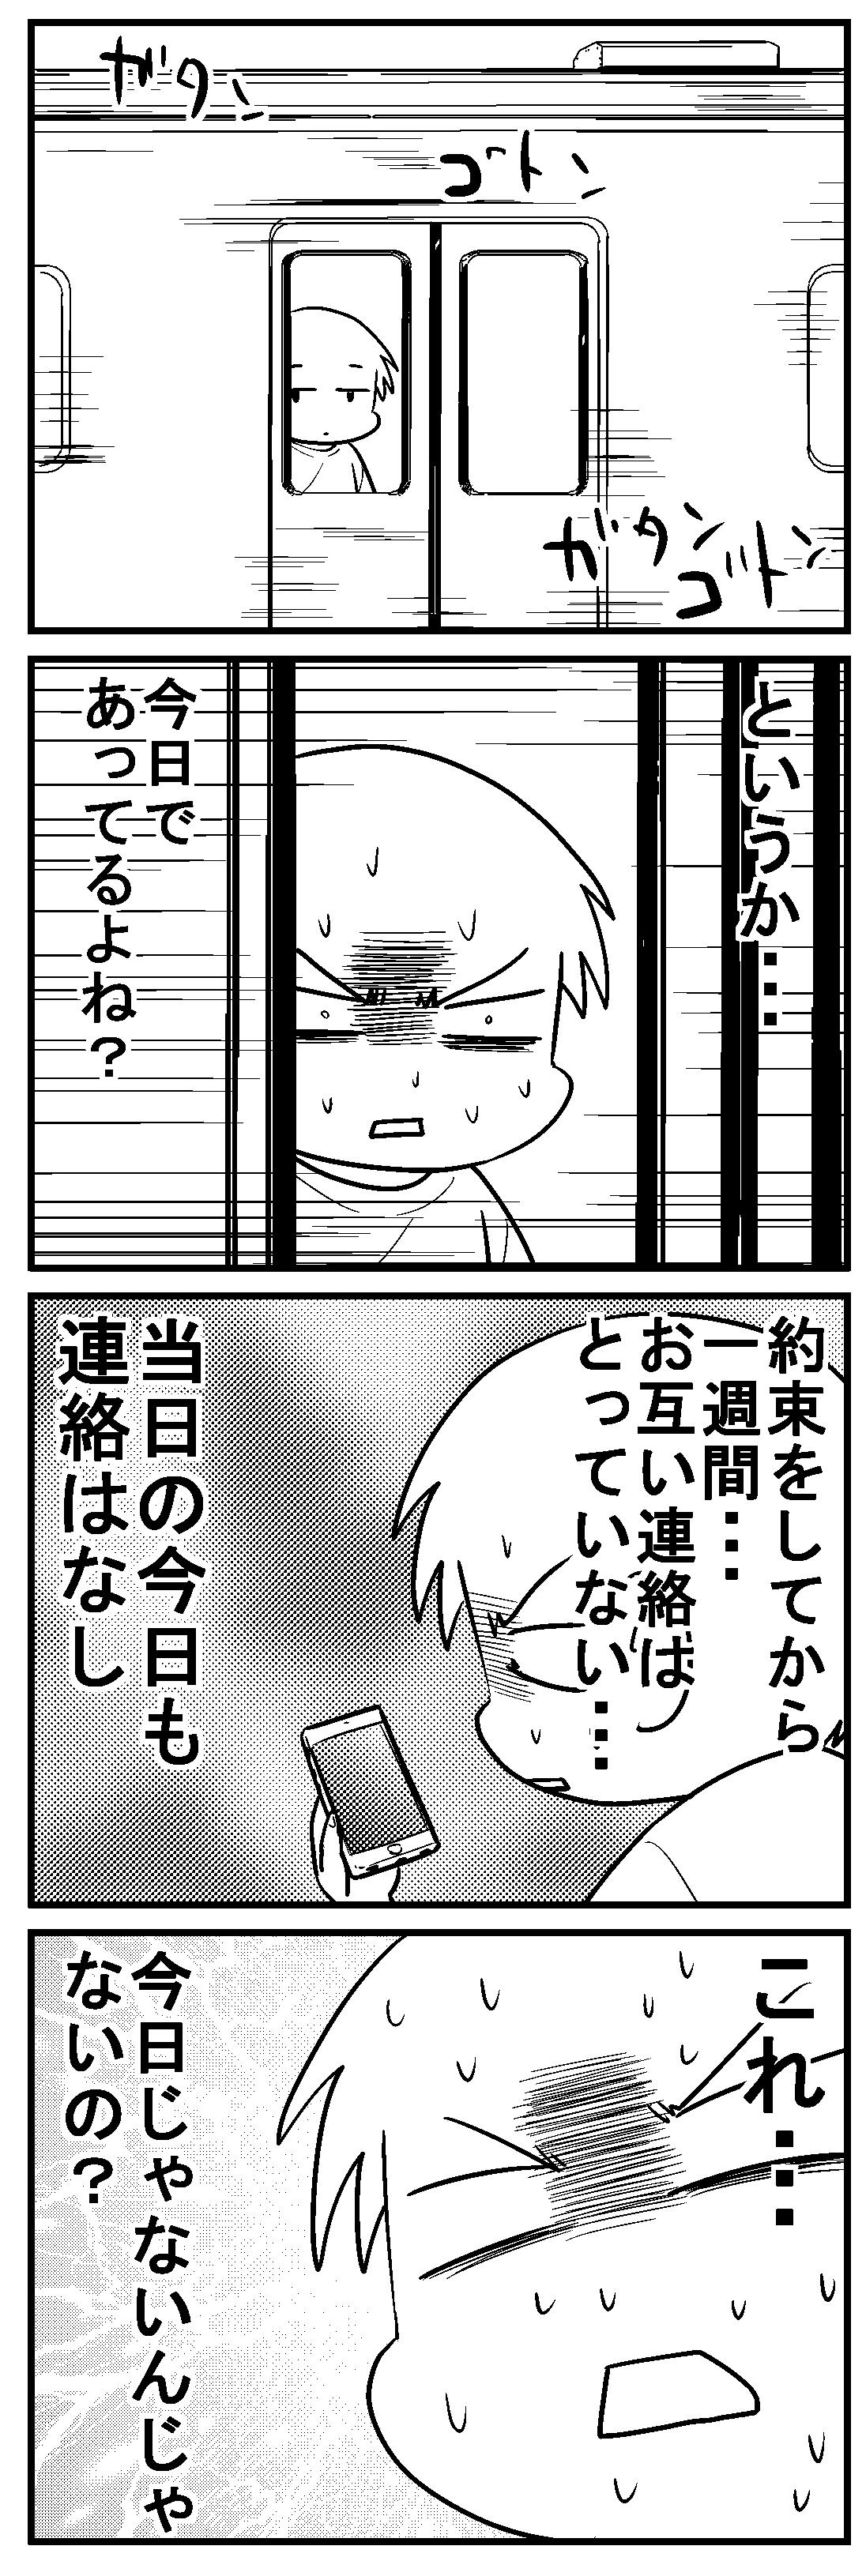 深読みくん26 2